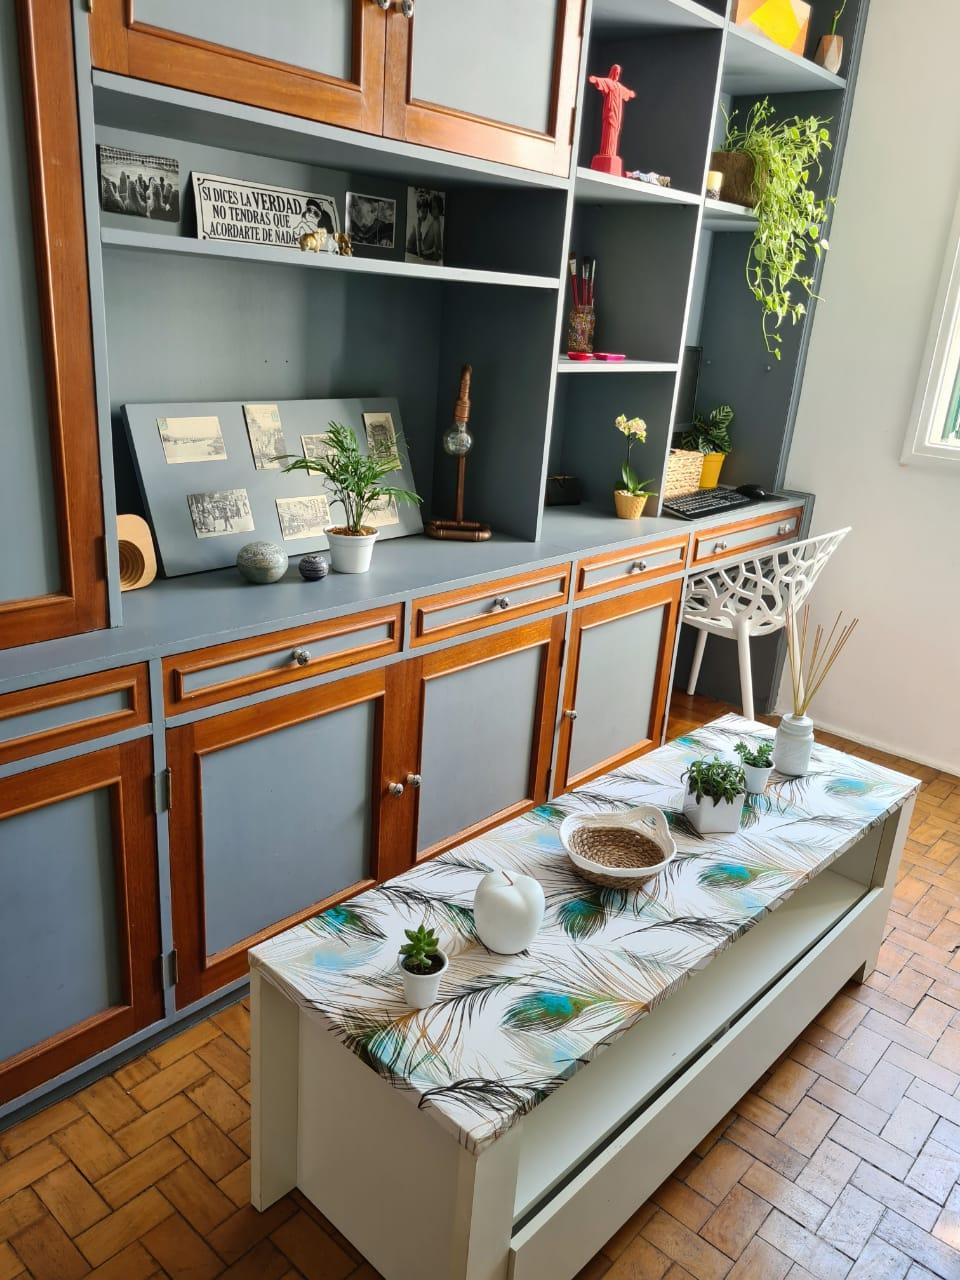 raque-personalizar-reparo-tinta-armario-madeira-adesivo-parede-superficie-movel-envelopado